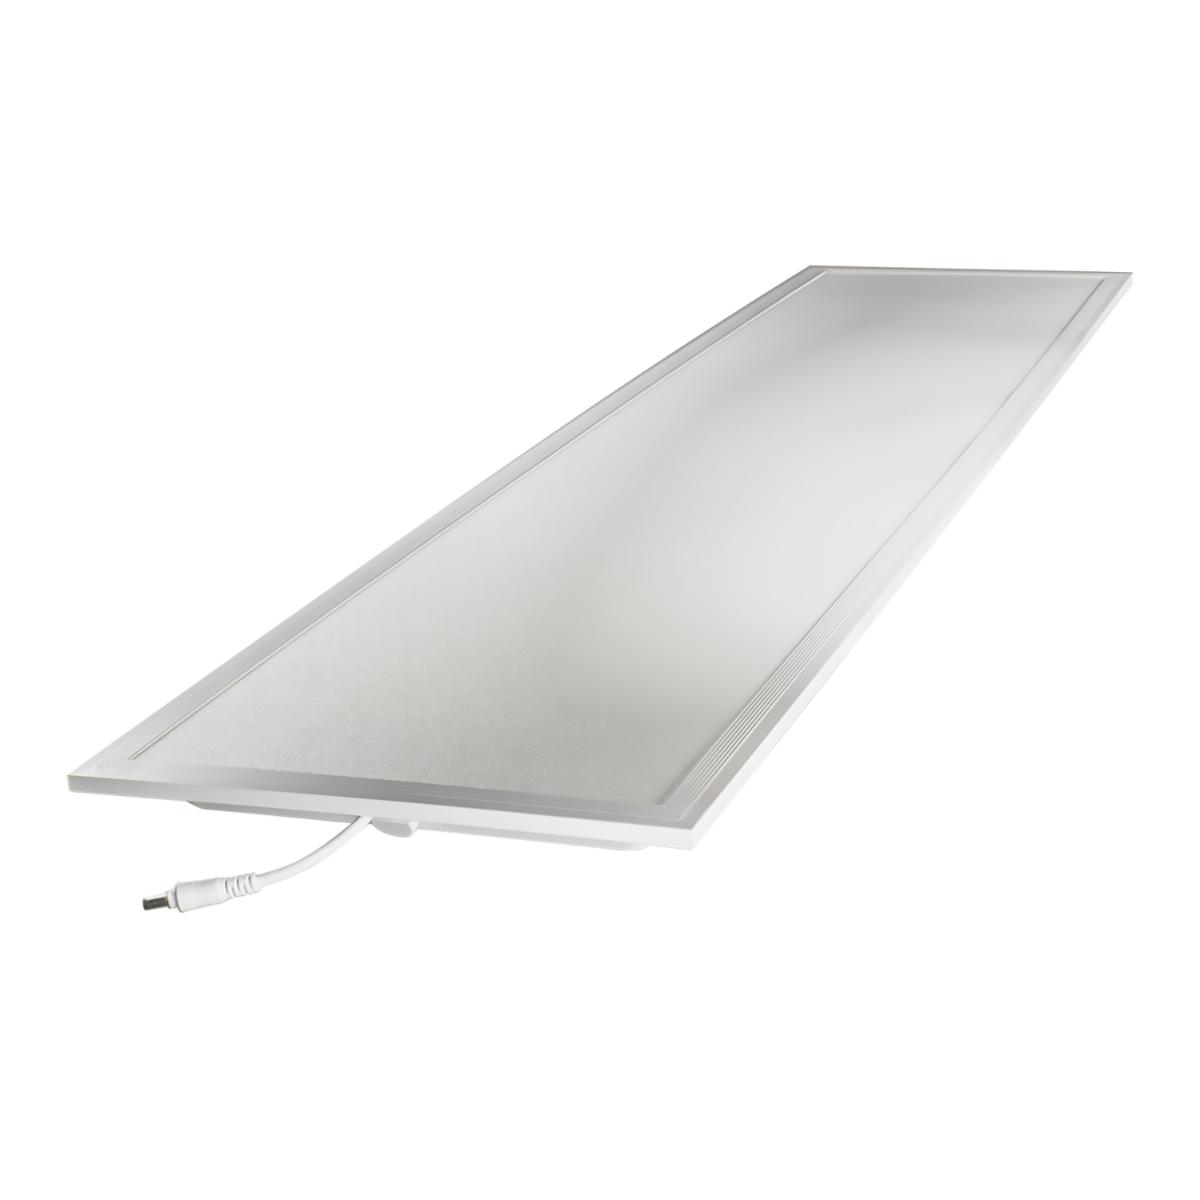 Noxion Panel LED Econox 32W 30x120cm 3000K 3900lm UGR <22 | Luz Cálida - Reemplazo 2x36W